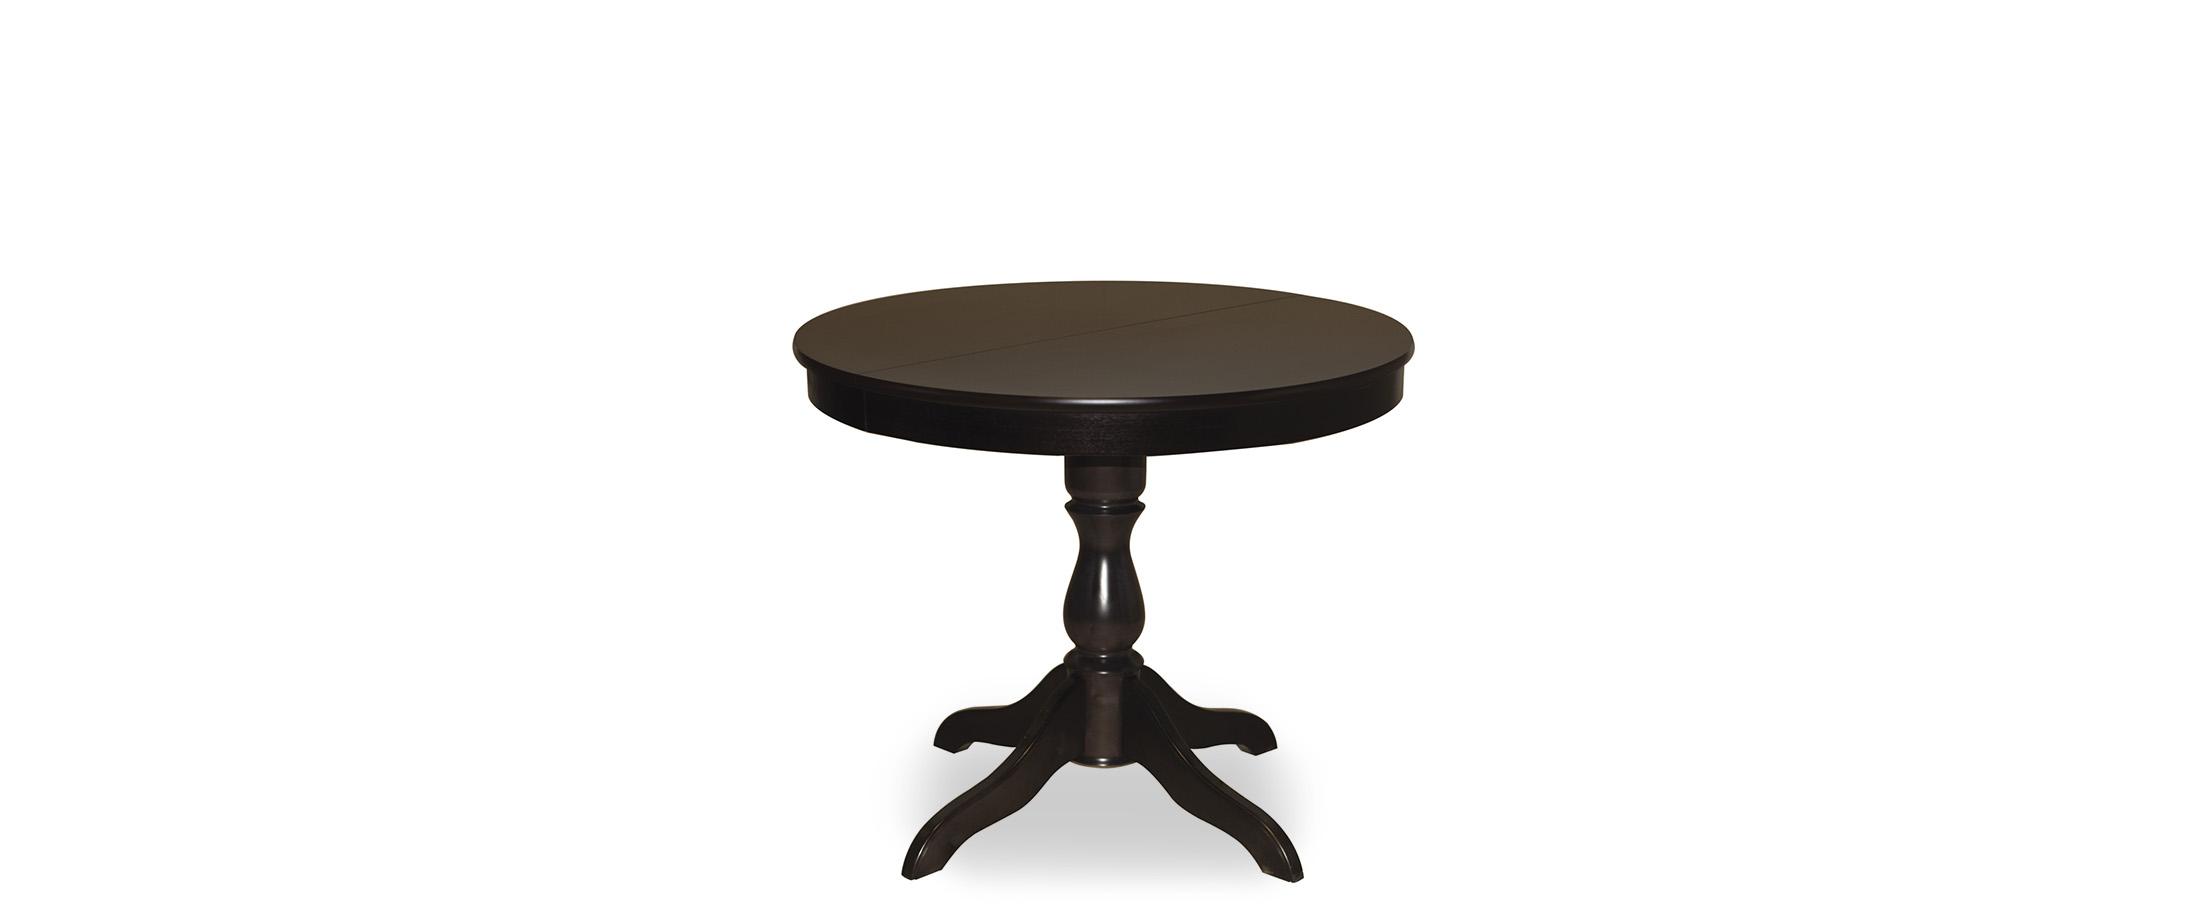 Стол Фламинго 1 Венге Модель 370Ножки стола из массива дерева, столешница из шпона МДФ. Не образует трещин, идеально сохраняет компактную круглую форму. Гарантия 18 месяцев. Доставка от 1 дня.<br>